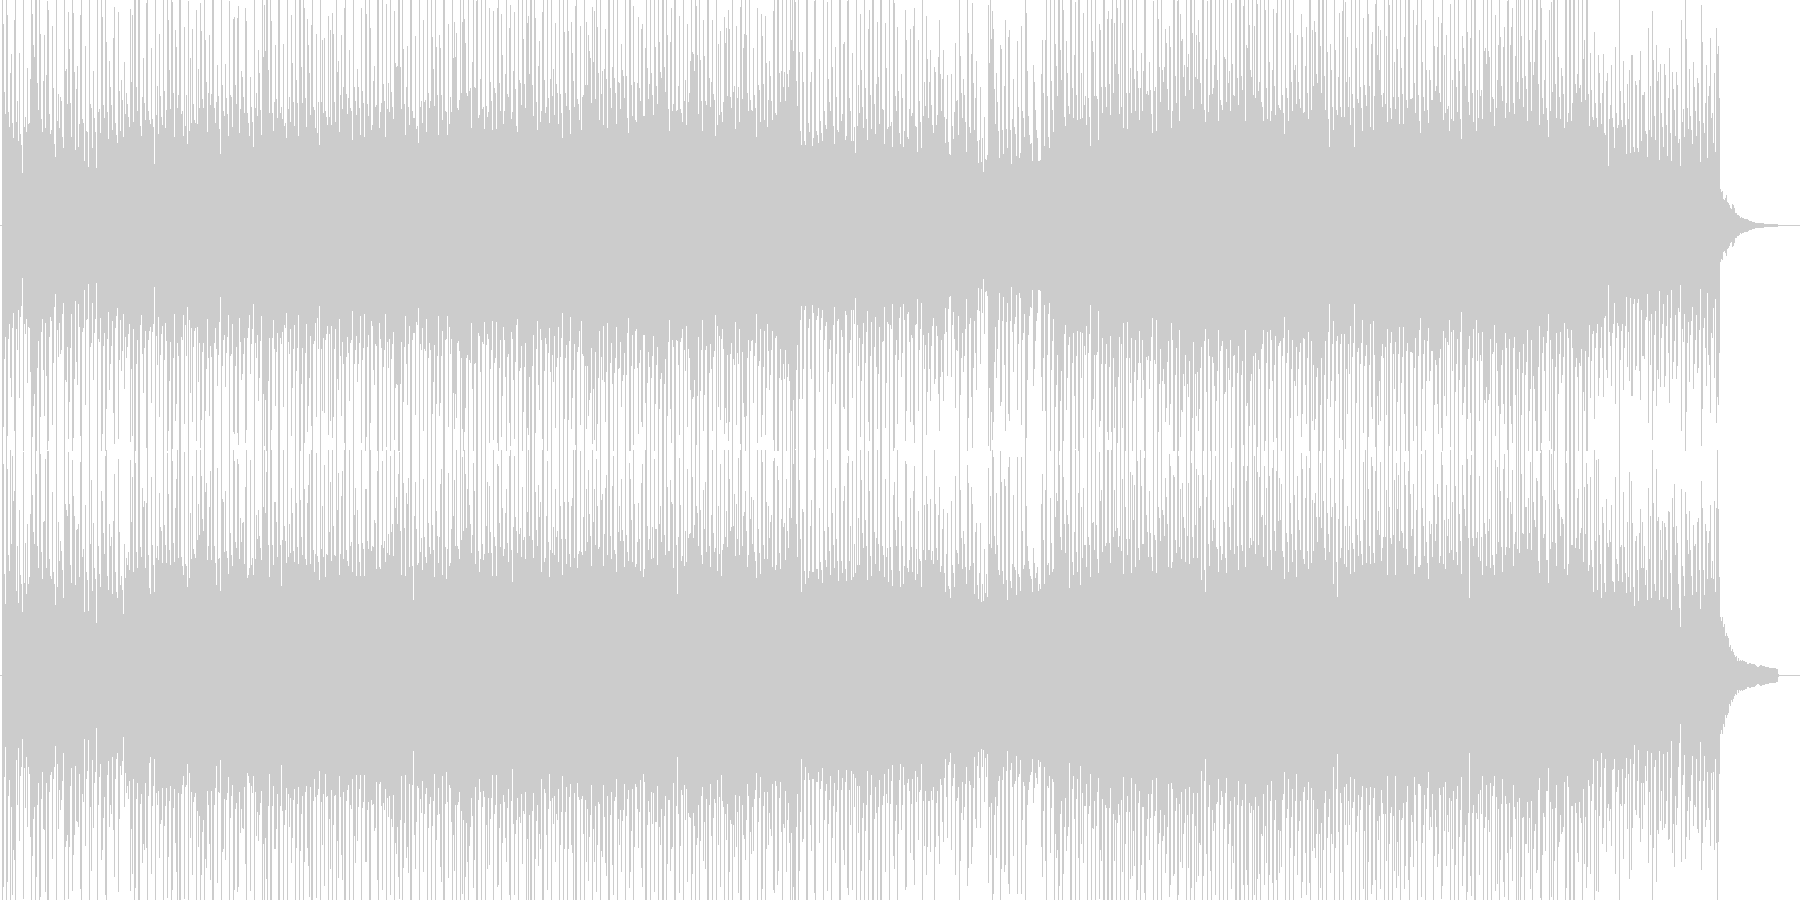 軽やかで清々しいBGMの未再生の波形